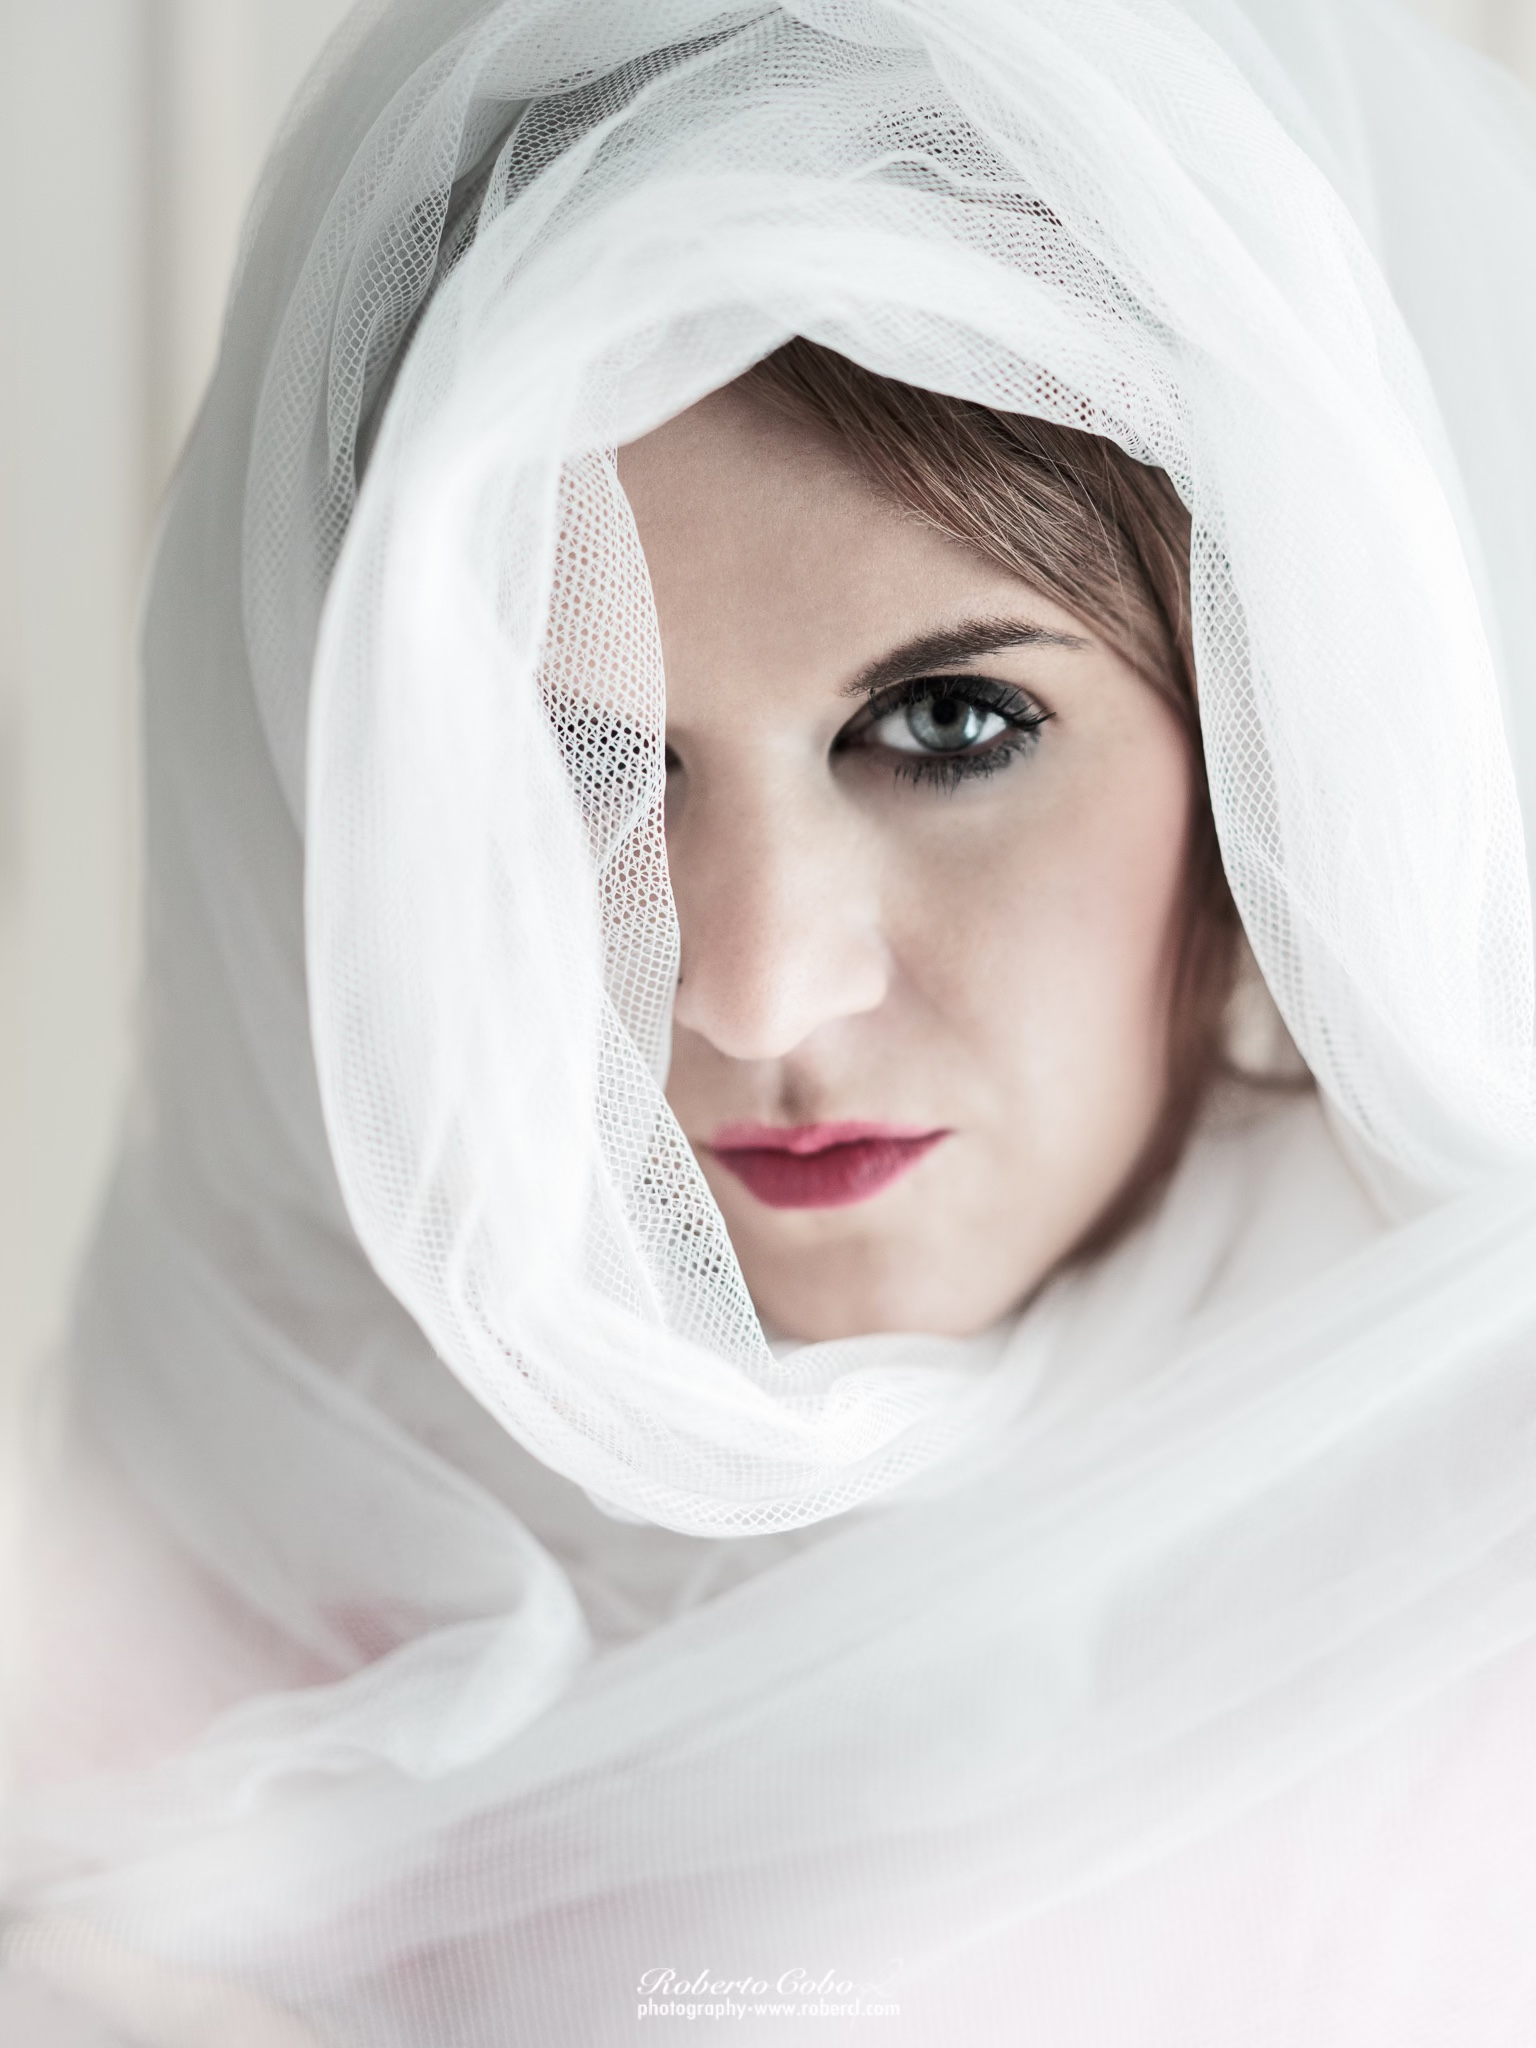 Portraits - Roberto Cobo - Fotografía Retratos